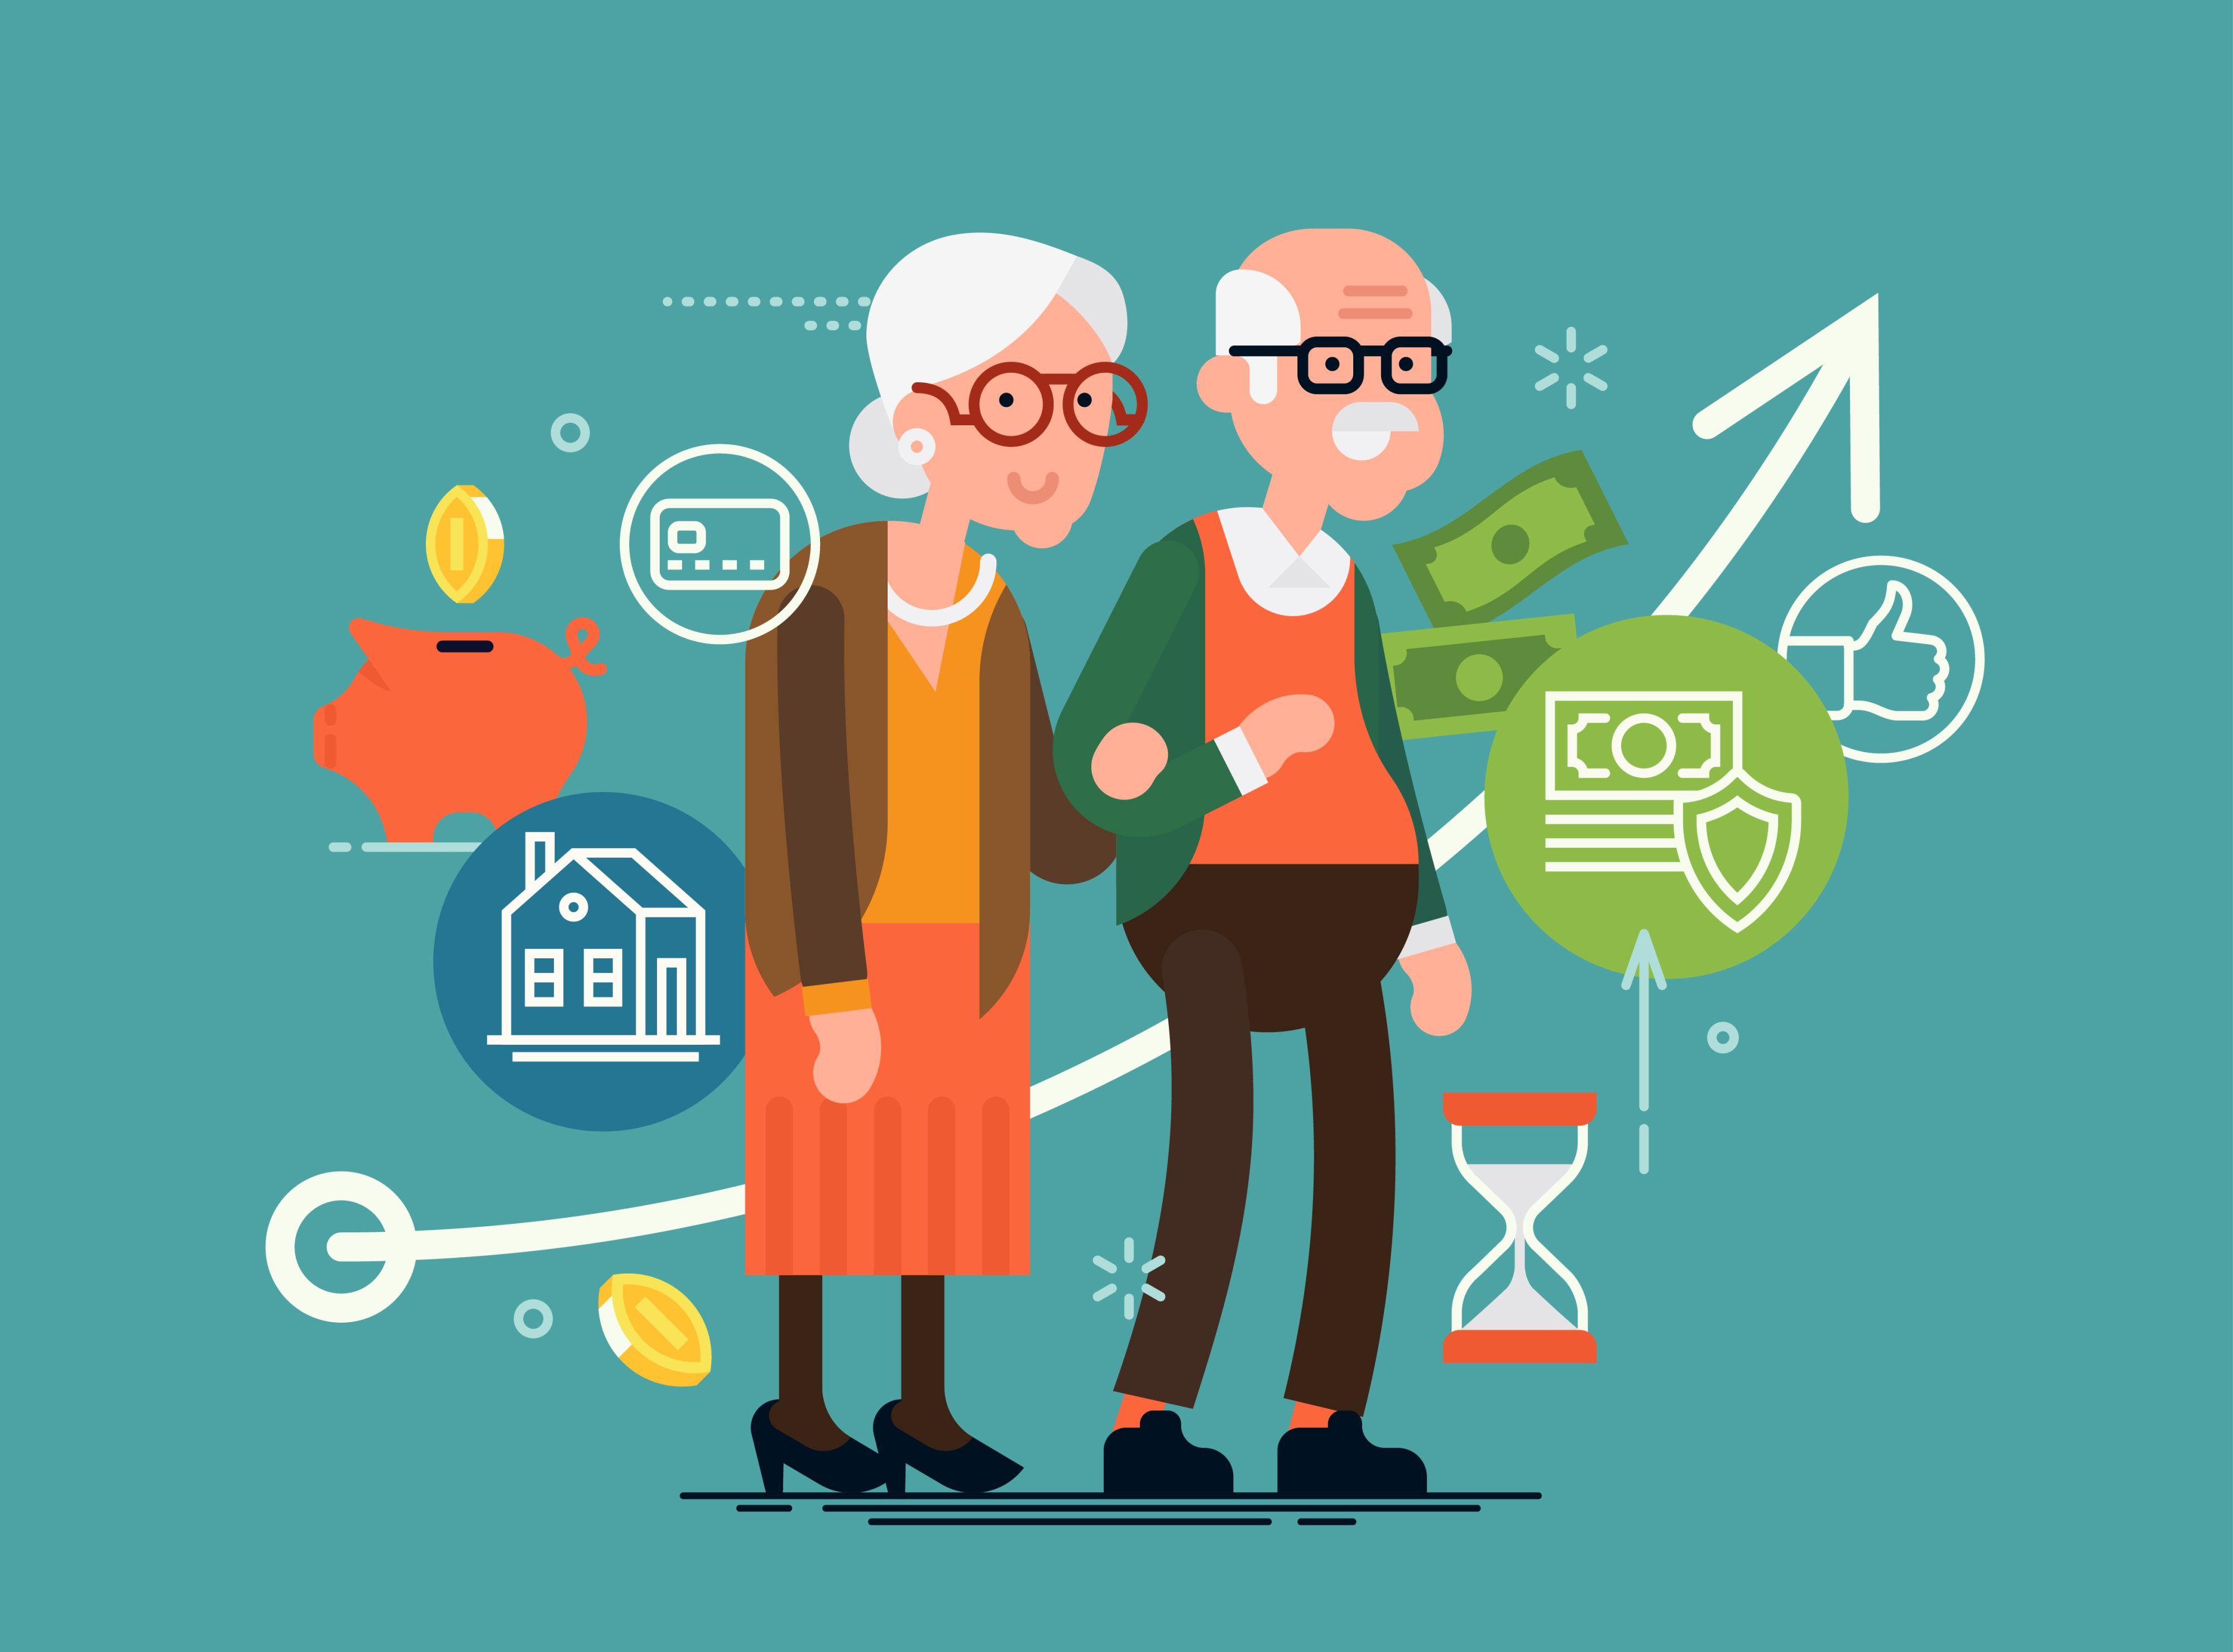 Kluczem do sukcesu Pracowniczych Planów Kapitałowych jest jego powszechność, zatem szczególną rolę odgrywa tutaj komunikacja. (Fot.Shutterstock)